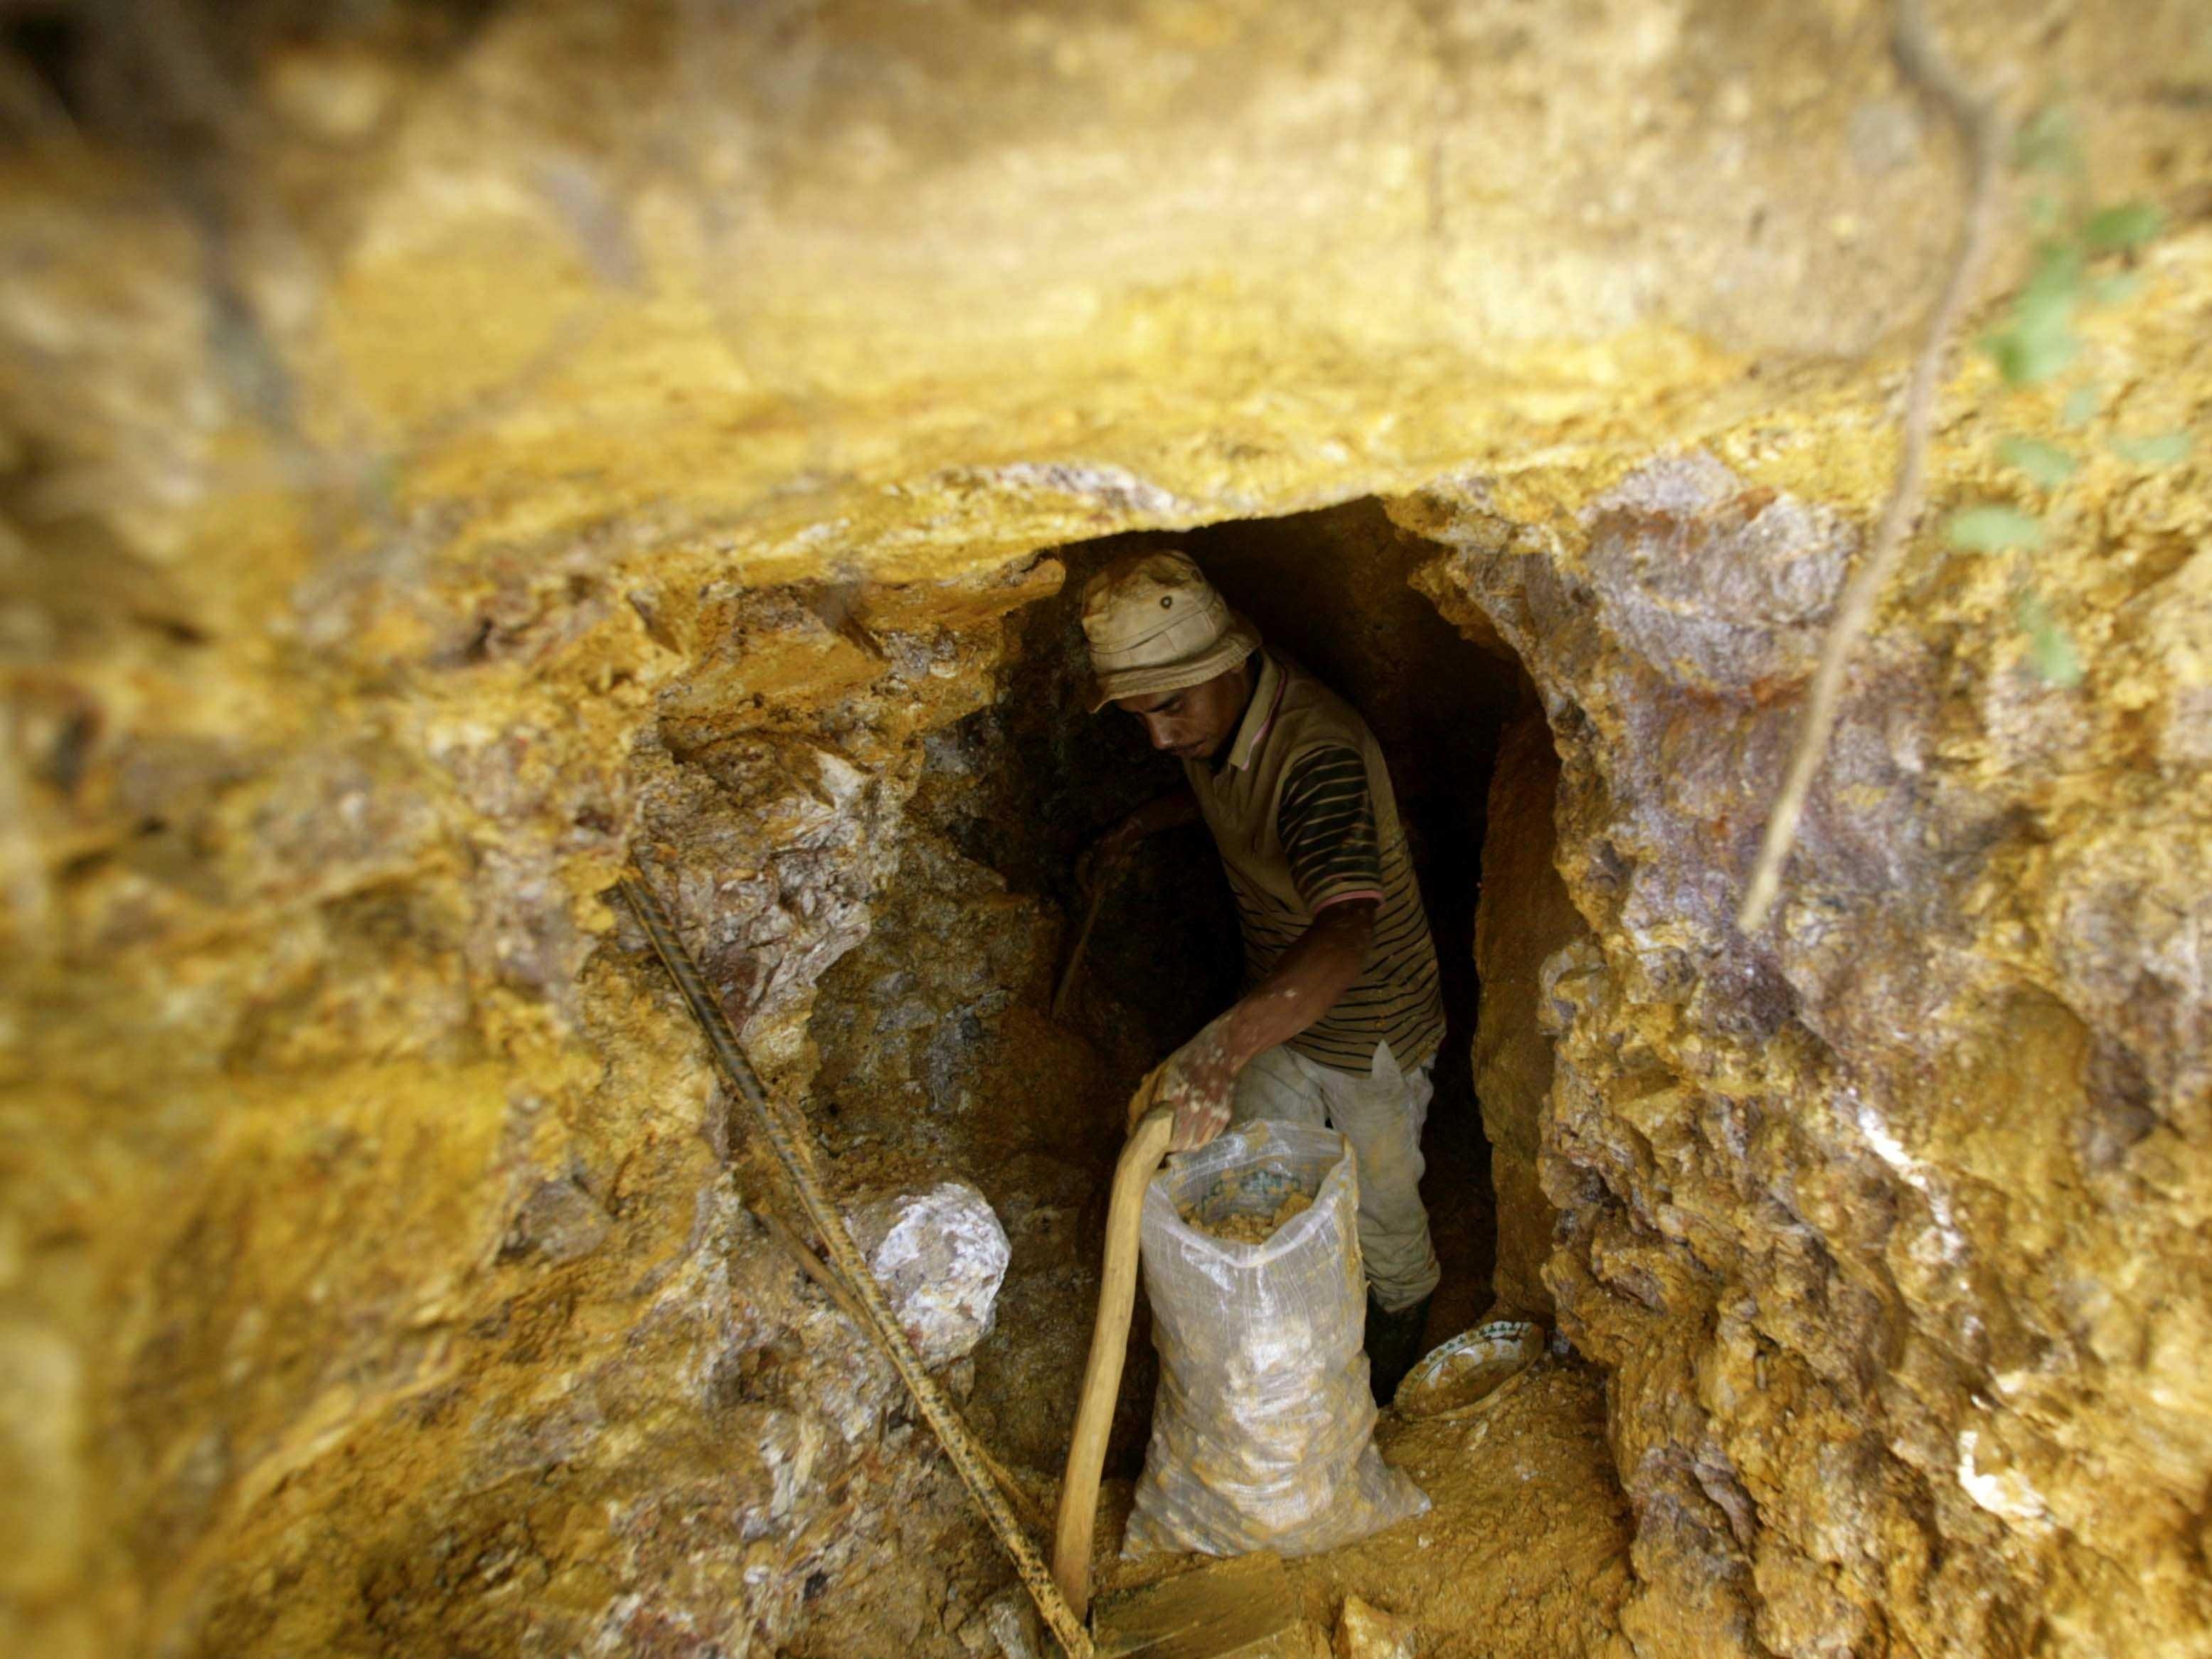 اكتشاف حفر وثقوب في الزاوية التونسية بسيدي بنور بسبب التنقيب عن الكنوز